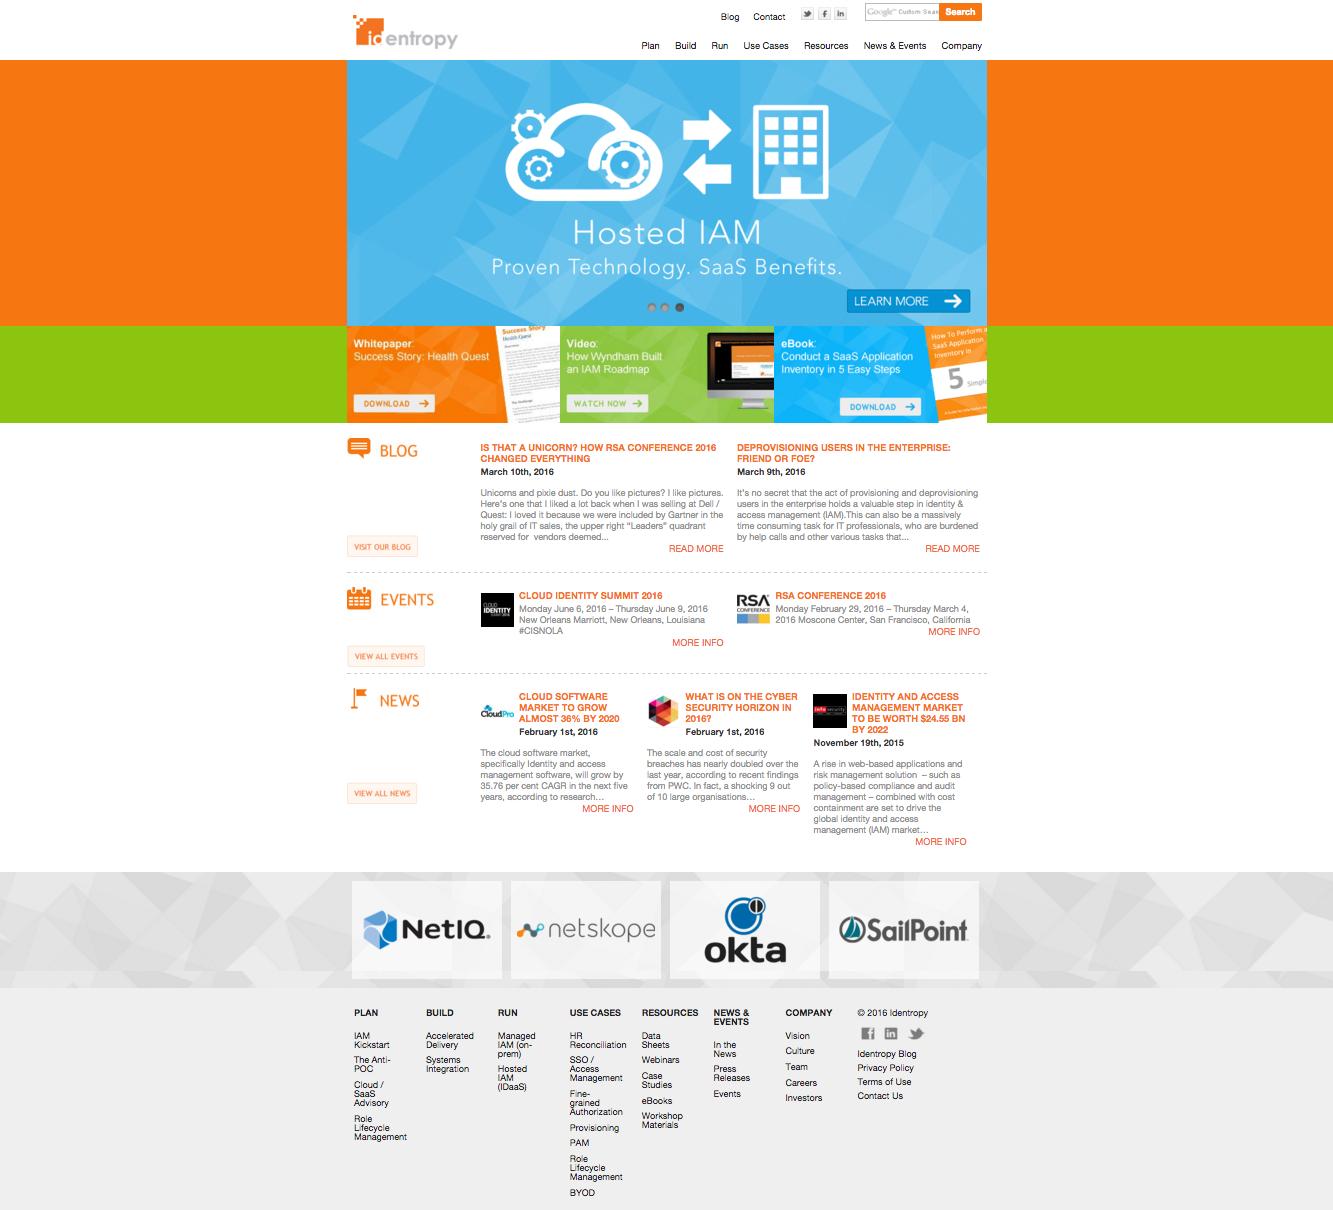 Identropy_desktop_homepage.png